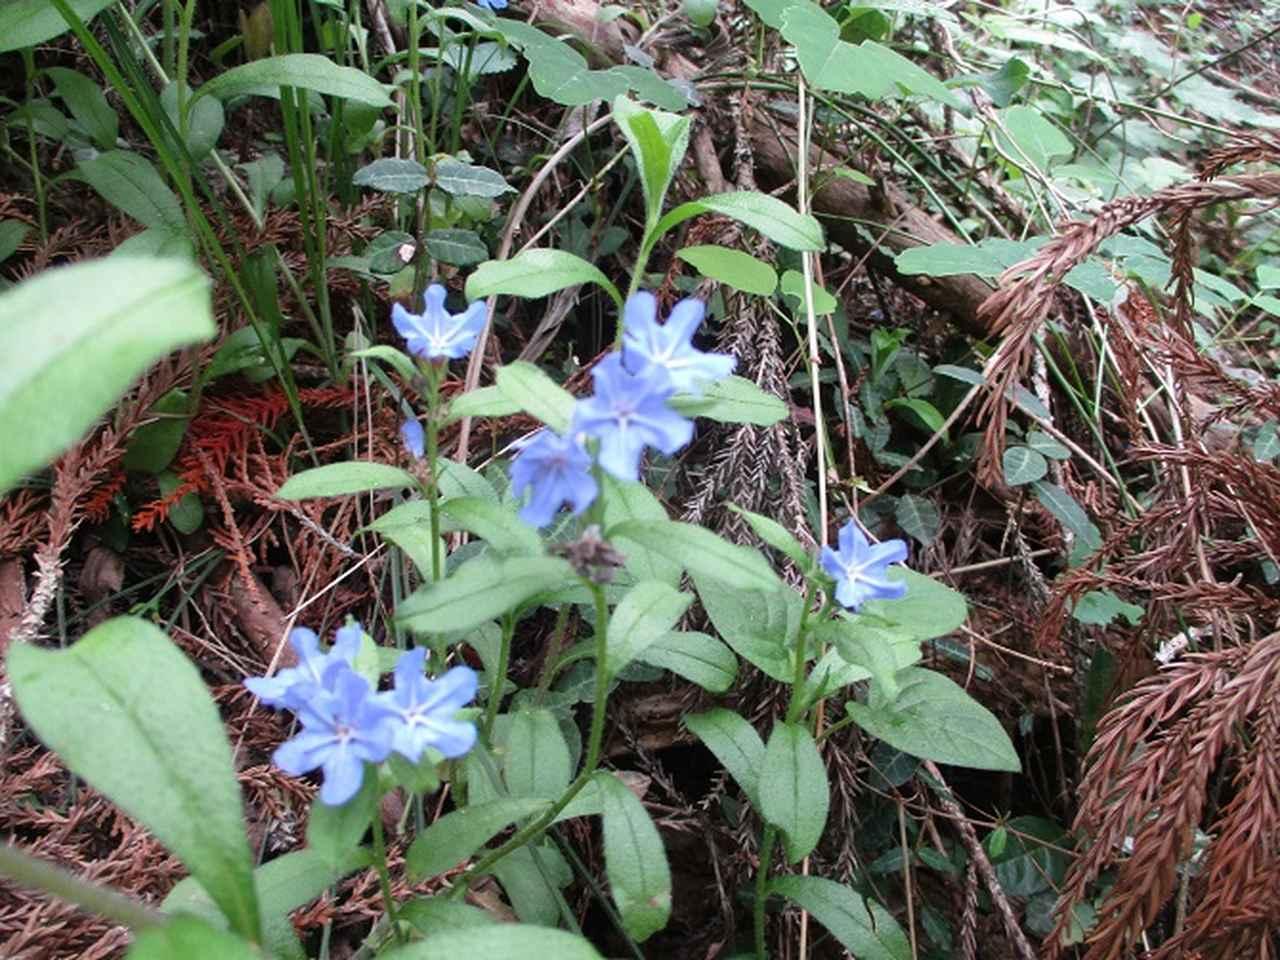 画像3: 5月18日に山旅会 「相模湖から陣馬山」 ツアーに行ってきました!